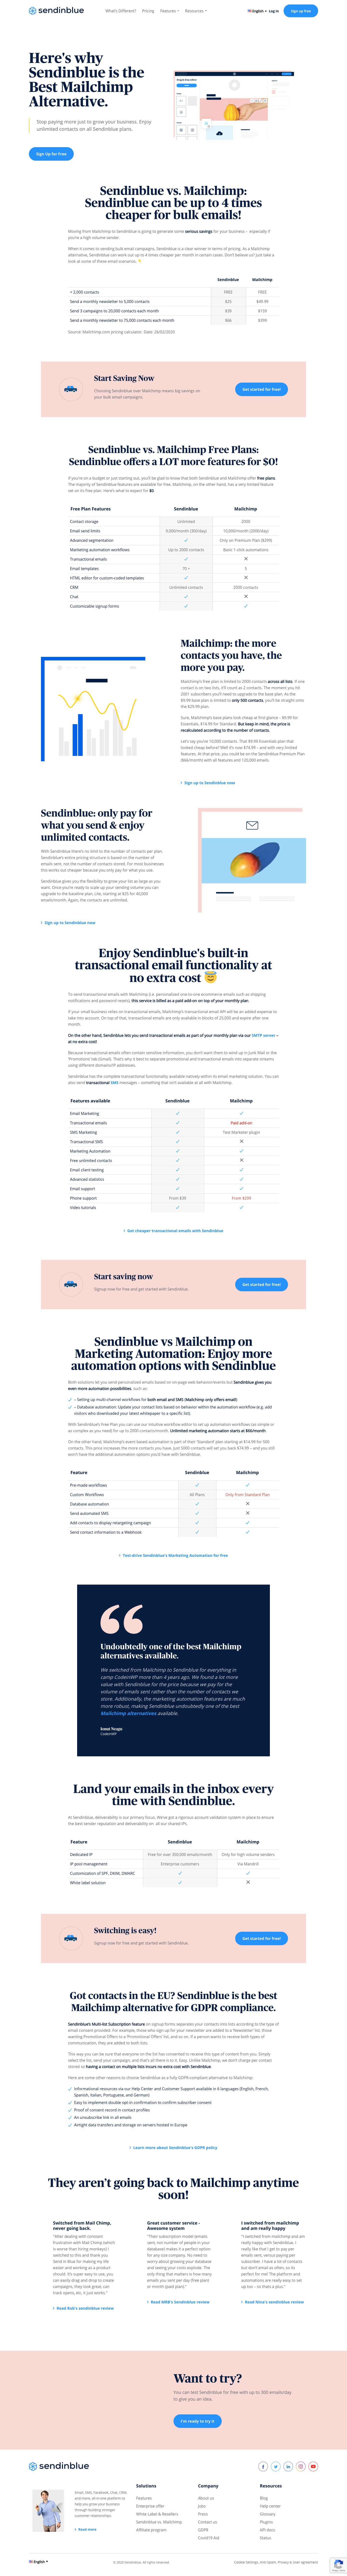 Sendinblue Comparison Page